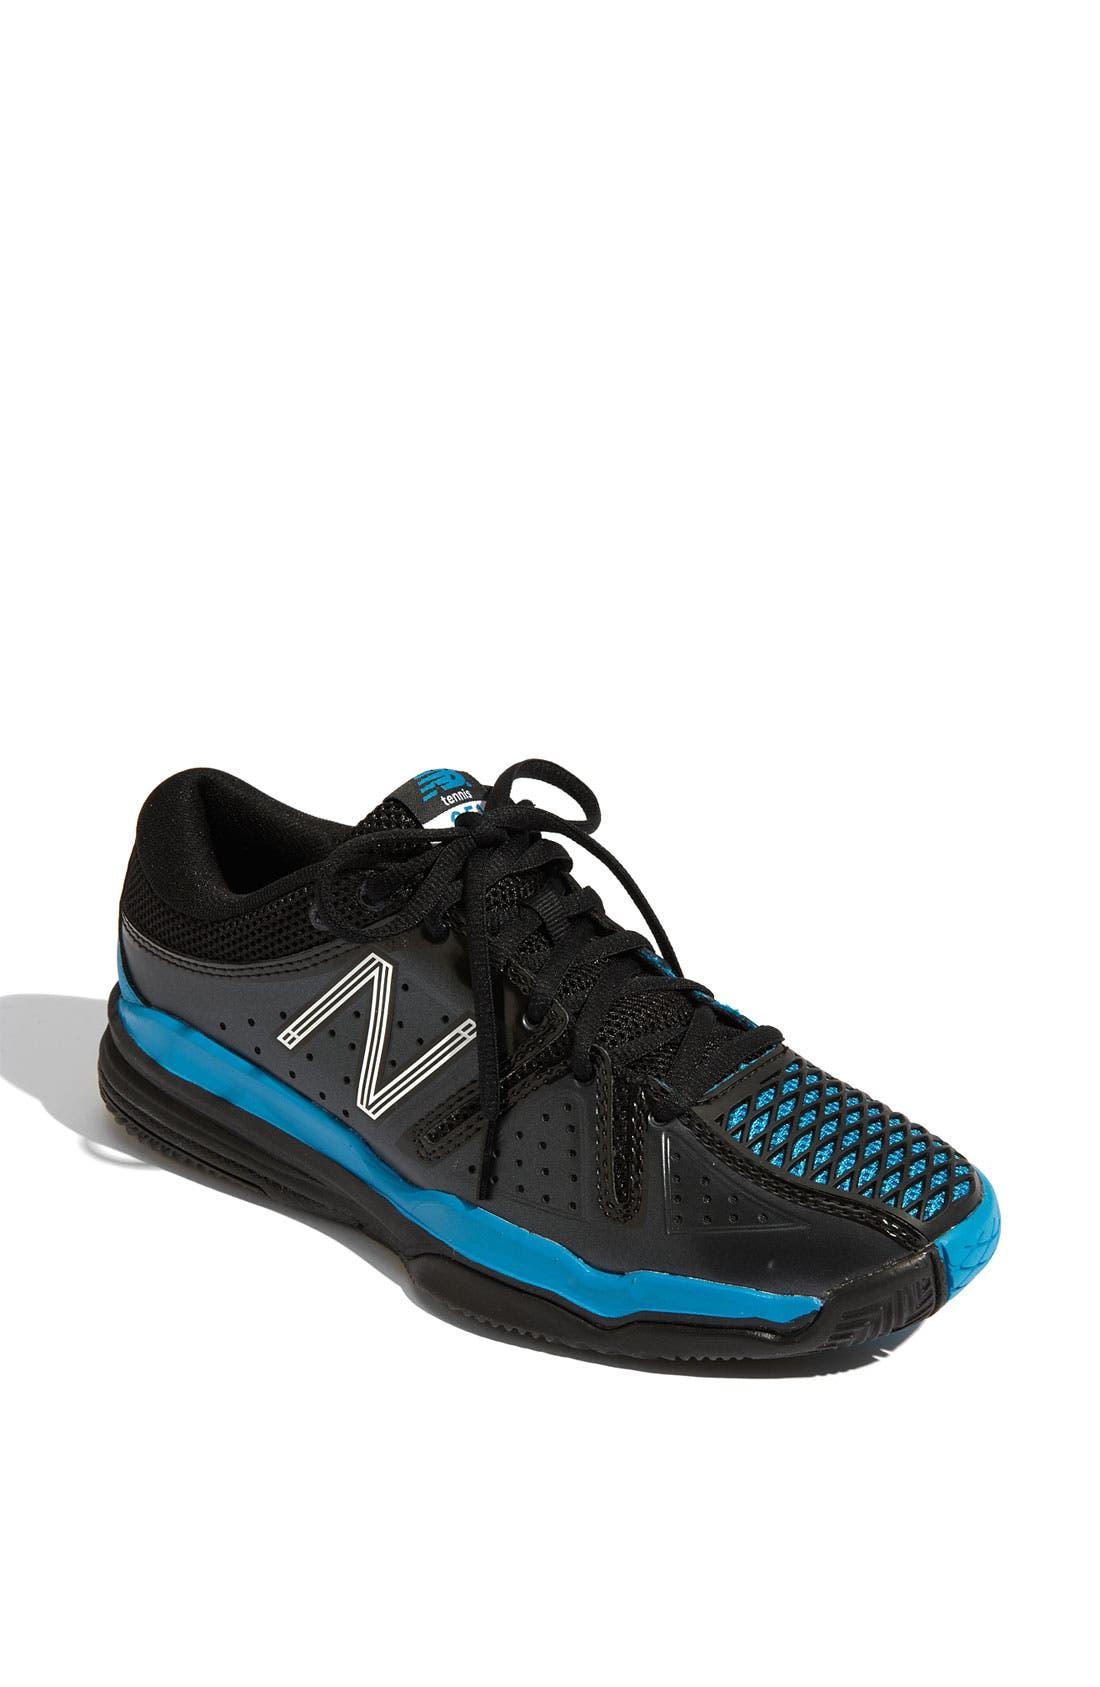 Alternate Image 1 Selected - New Balance '851' Tennis Shoe (Women) (Regular Retail Price: $89.95)